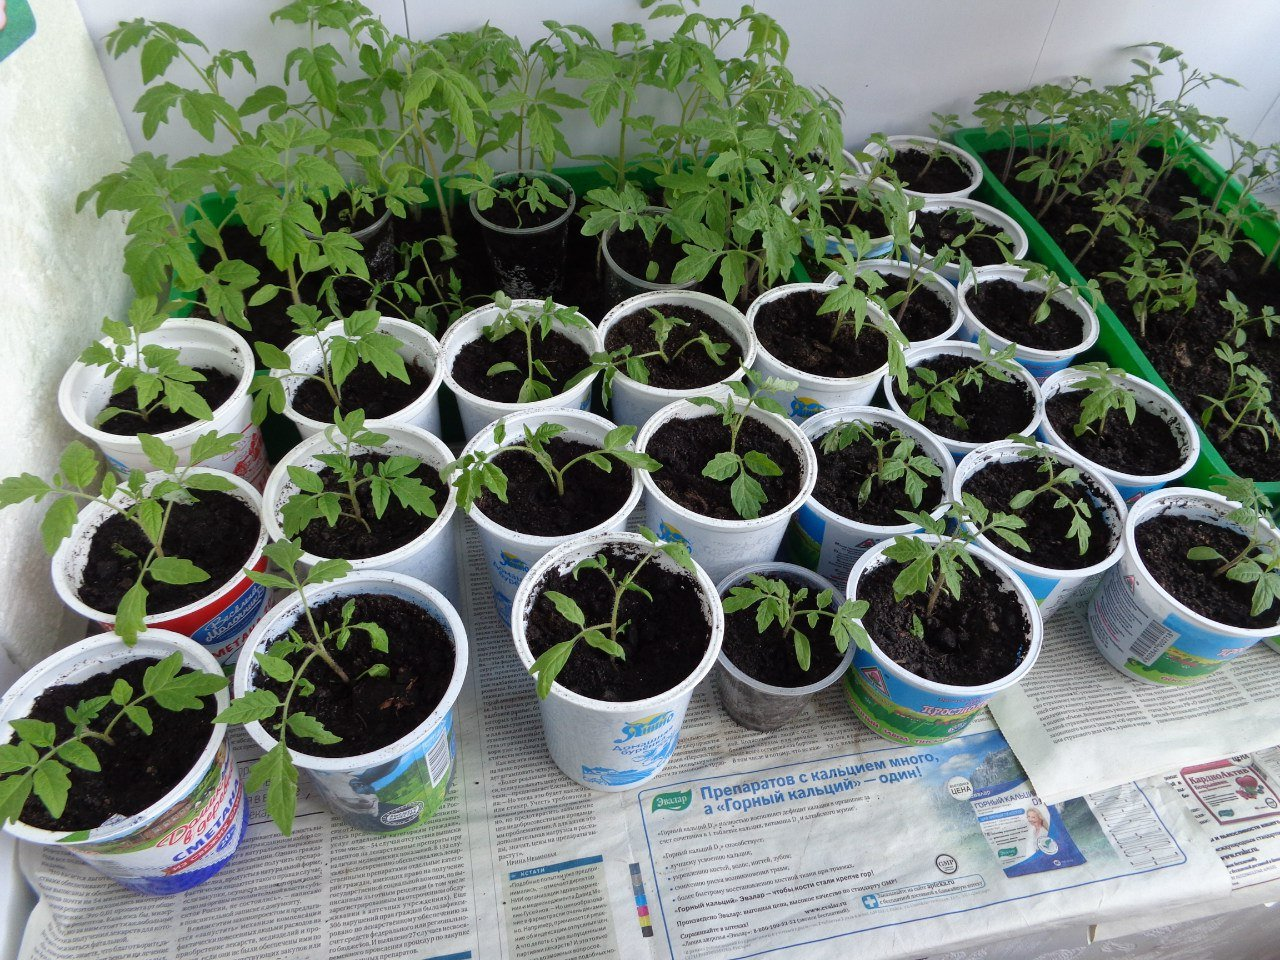 vyrashchivaniye rassady pomidor v stakanchikakh